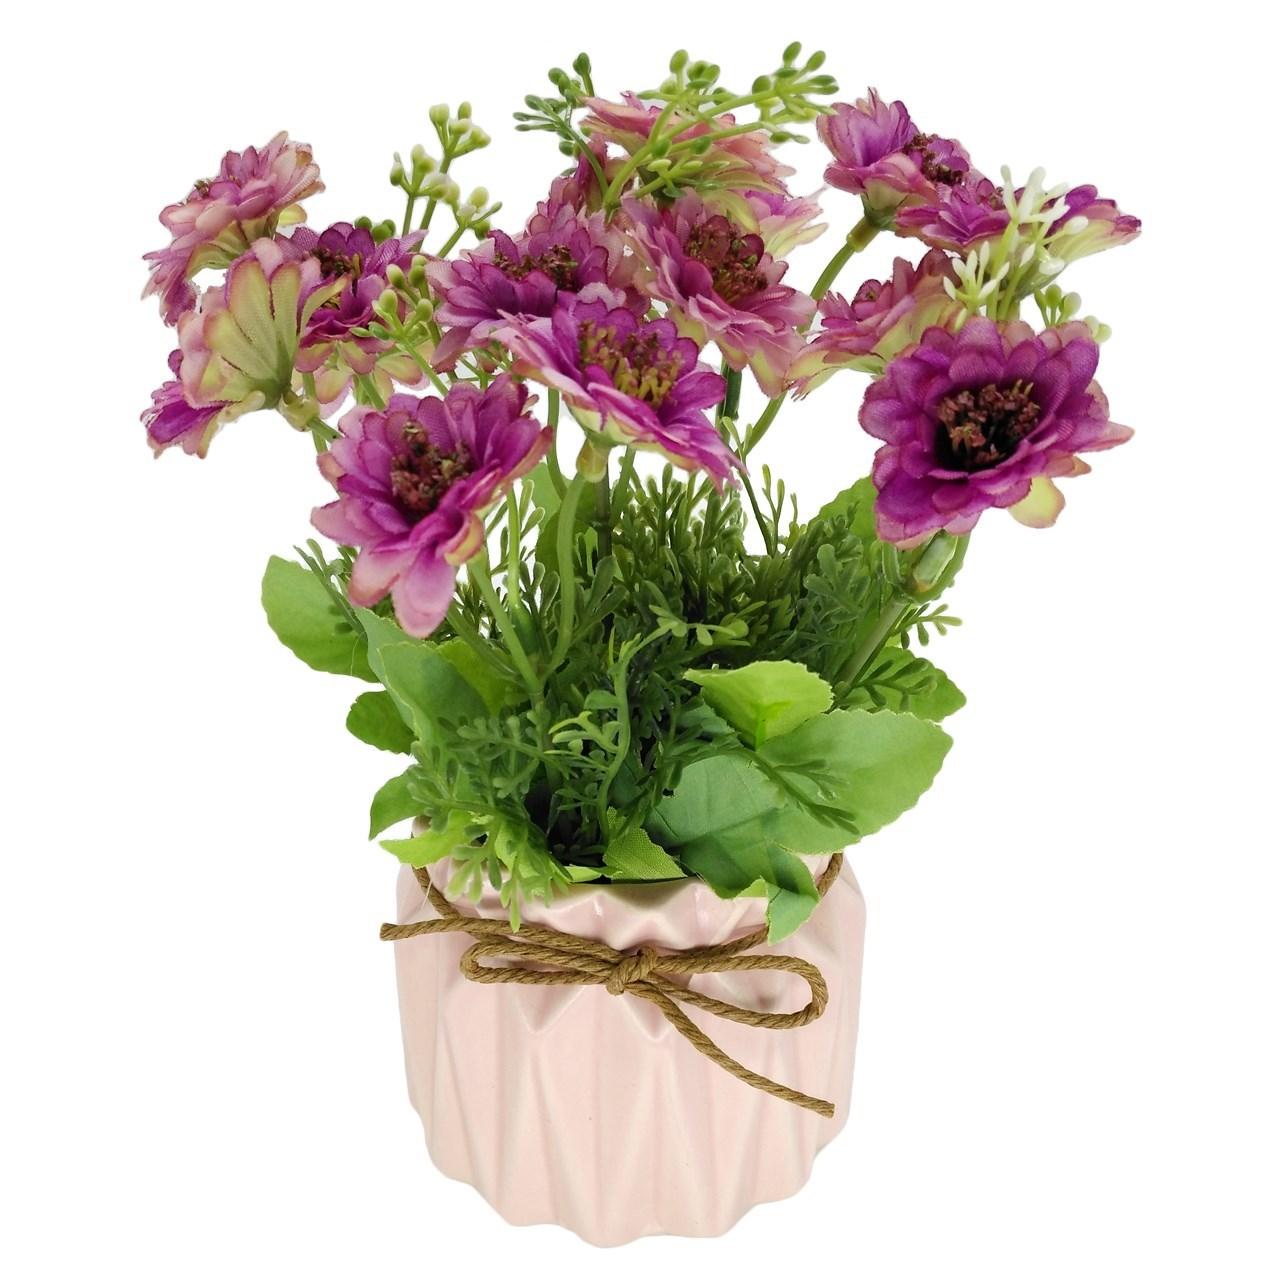 گلدان بهمراه گل مصنوعی هانا مدل 012